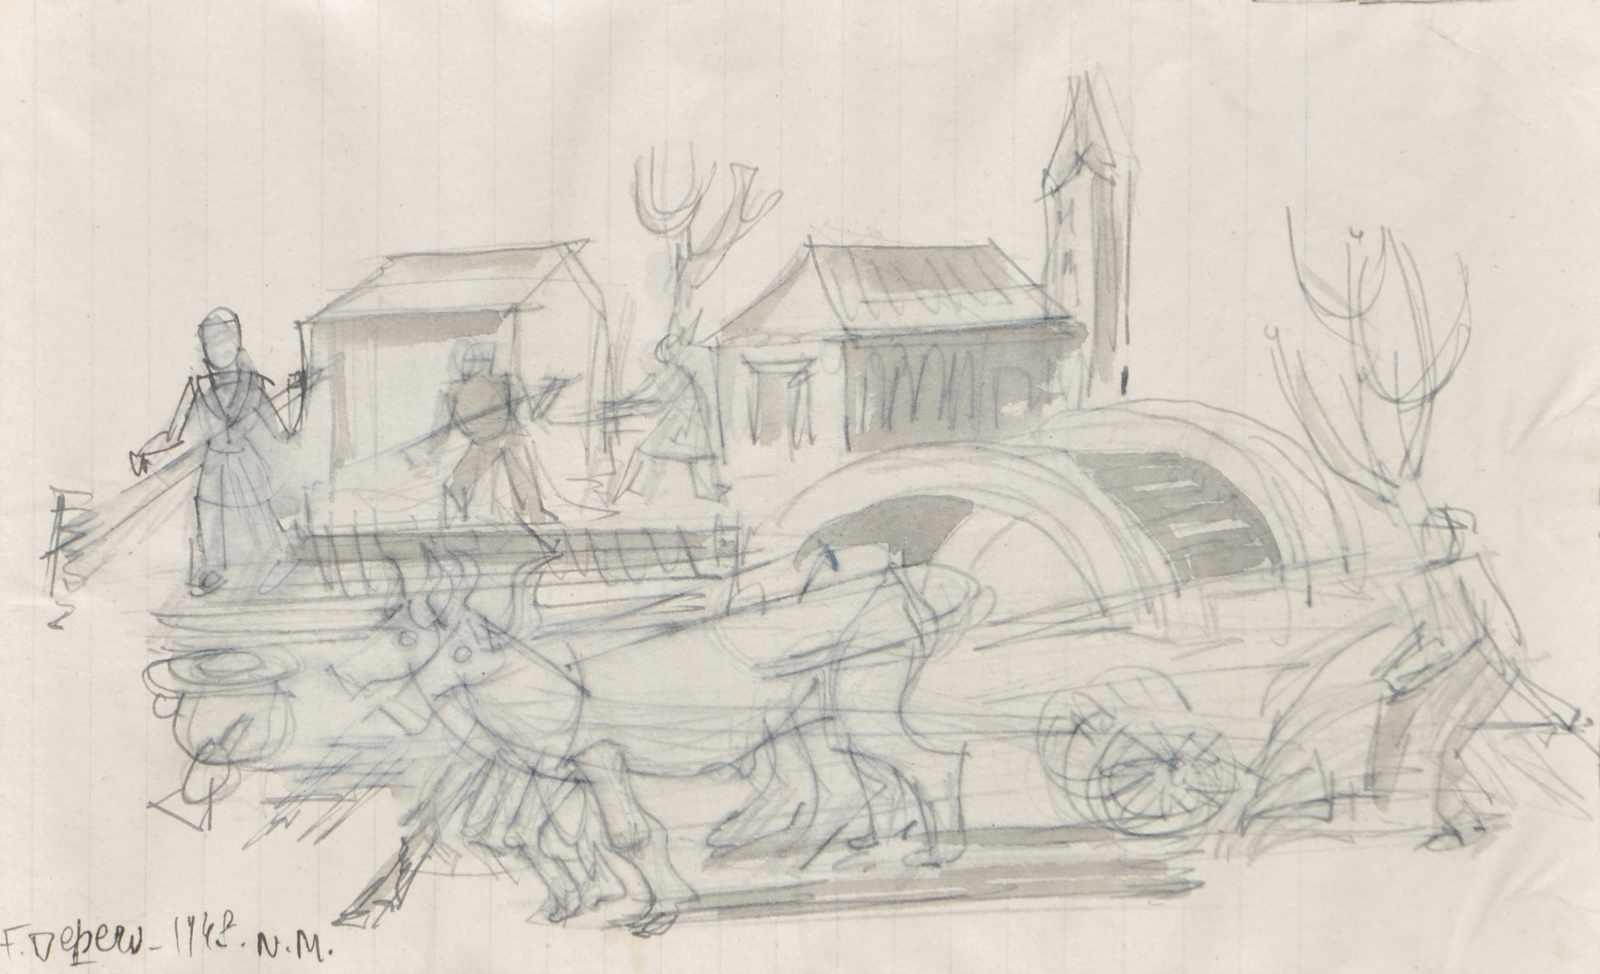 Fortunato Depero Bäuerliche Szene, 1948;Tusche auf Papier, 14 x 23 cm Signiert u. datiert